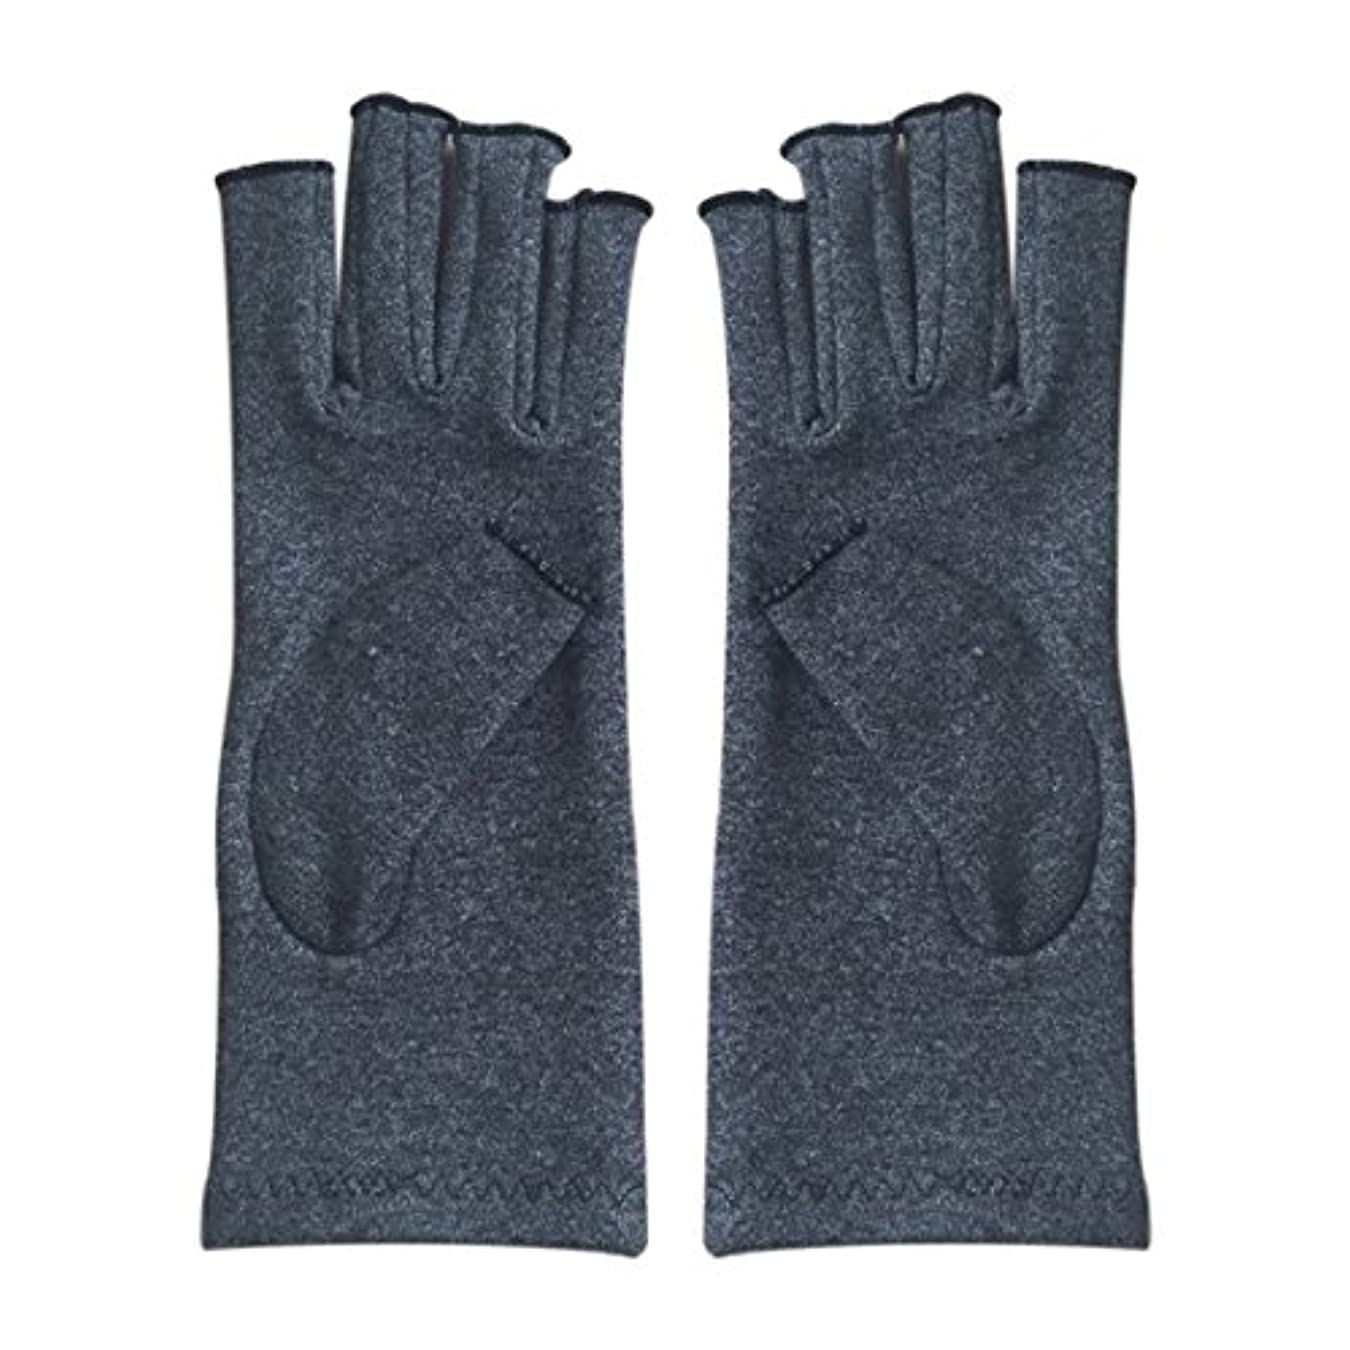 マーティンルーサーキングジュニアエジプト人サーバTOOGOO ペア 弾性コットンコンプレッション手袋 ユニセックス 関節炎 関節痛 鎮痛 軽減 S 灰色